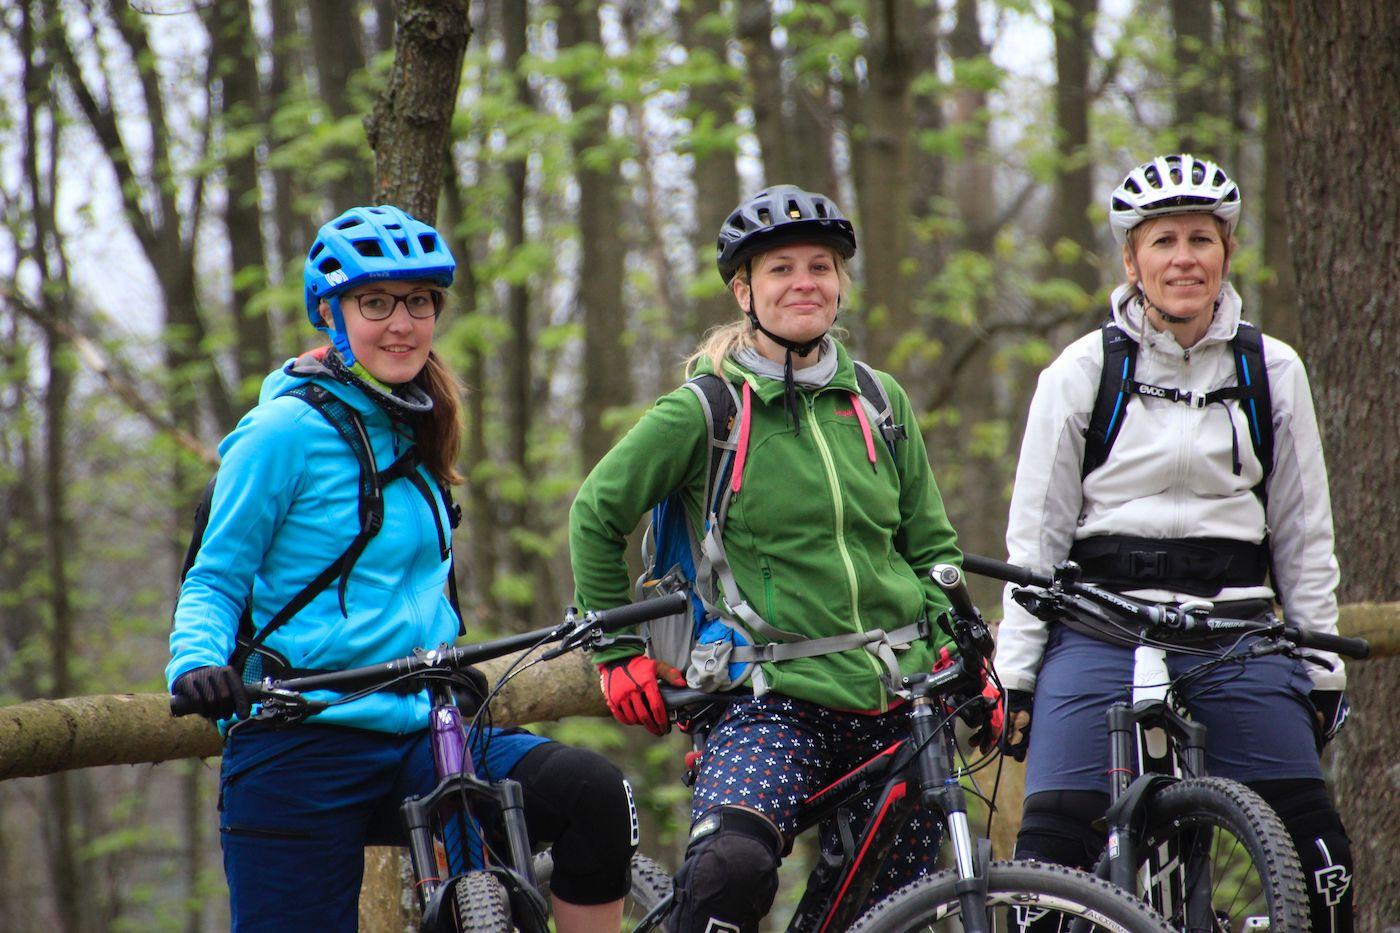 MTB Fahrtechnik Kurs Fortgeschrittene in Karlsruhe - Mountainbike Fortgeschritten - Rock my Trail Bikeschule